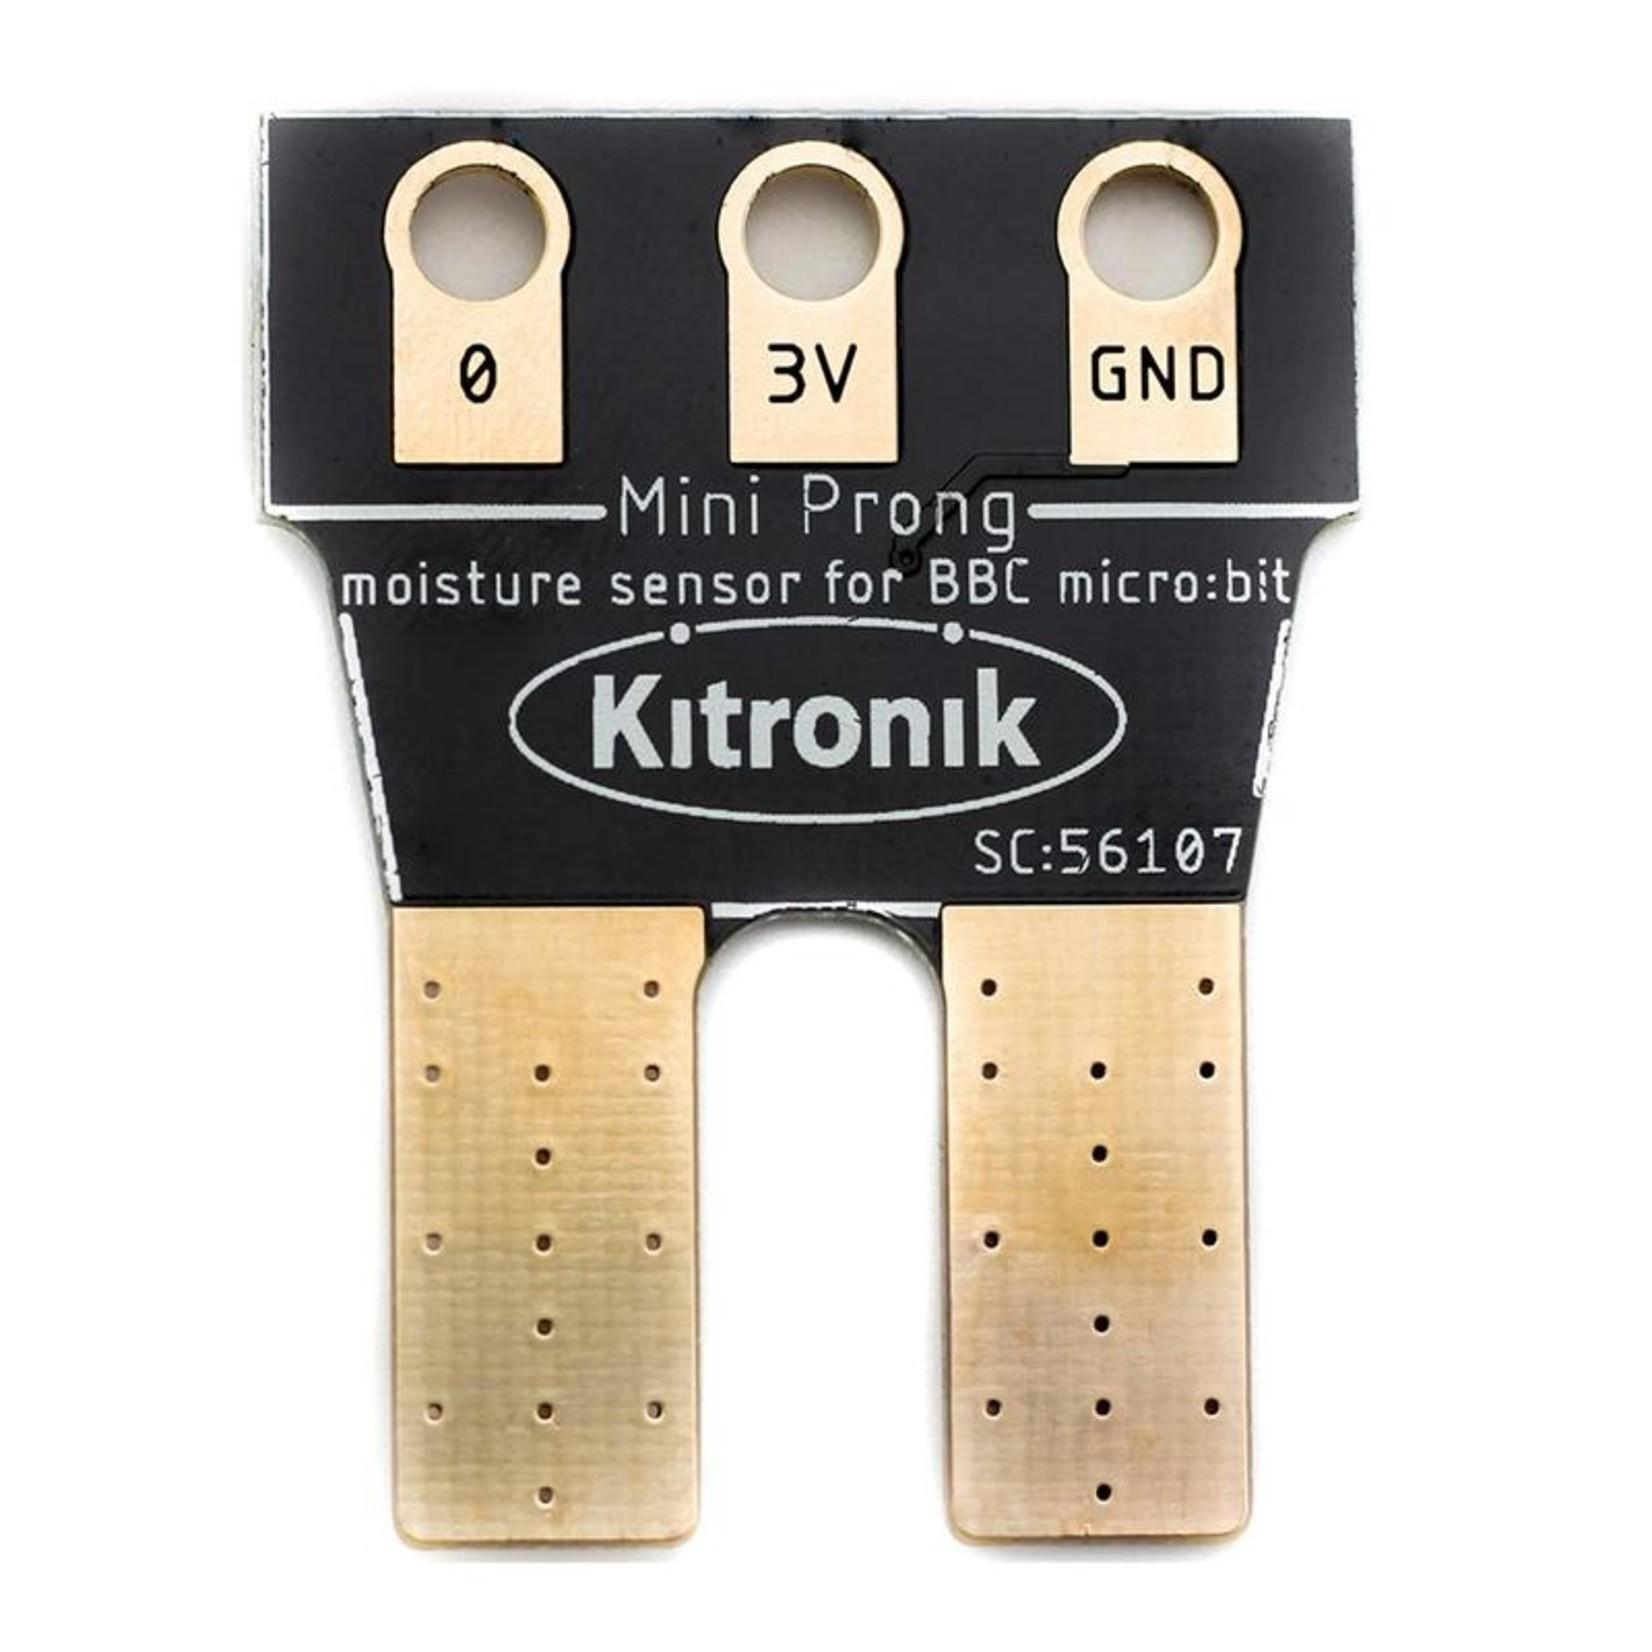 Kitronik 'Mini' Prong Soil Moisture Sensor for BBC micro:bit